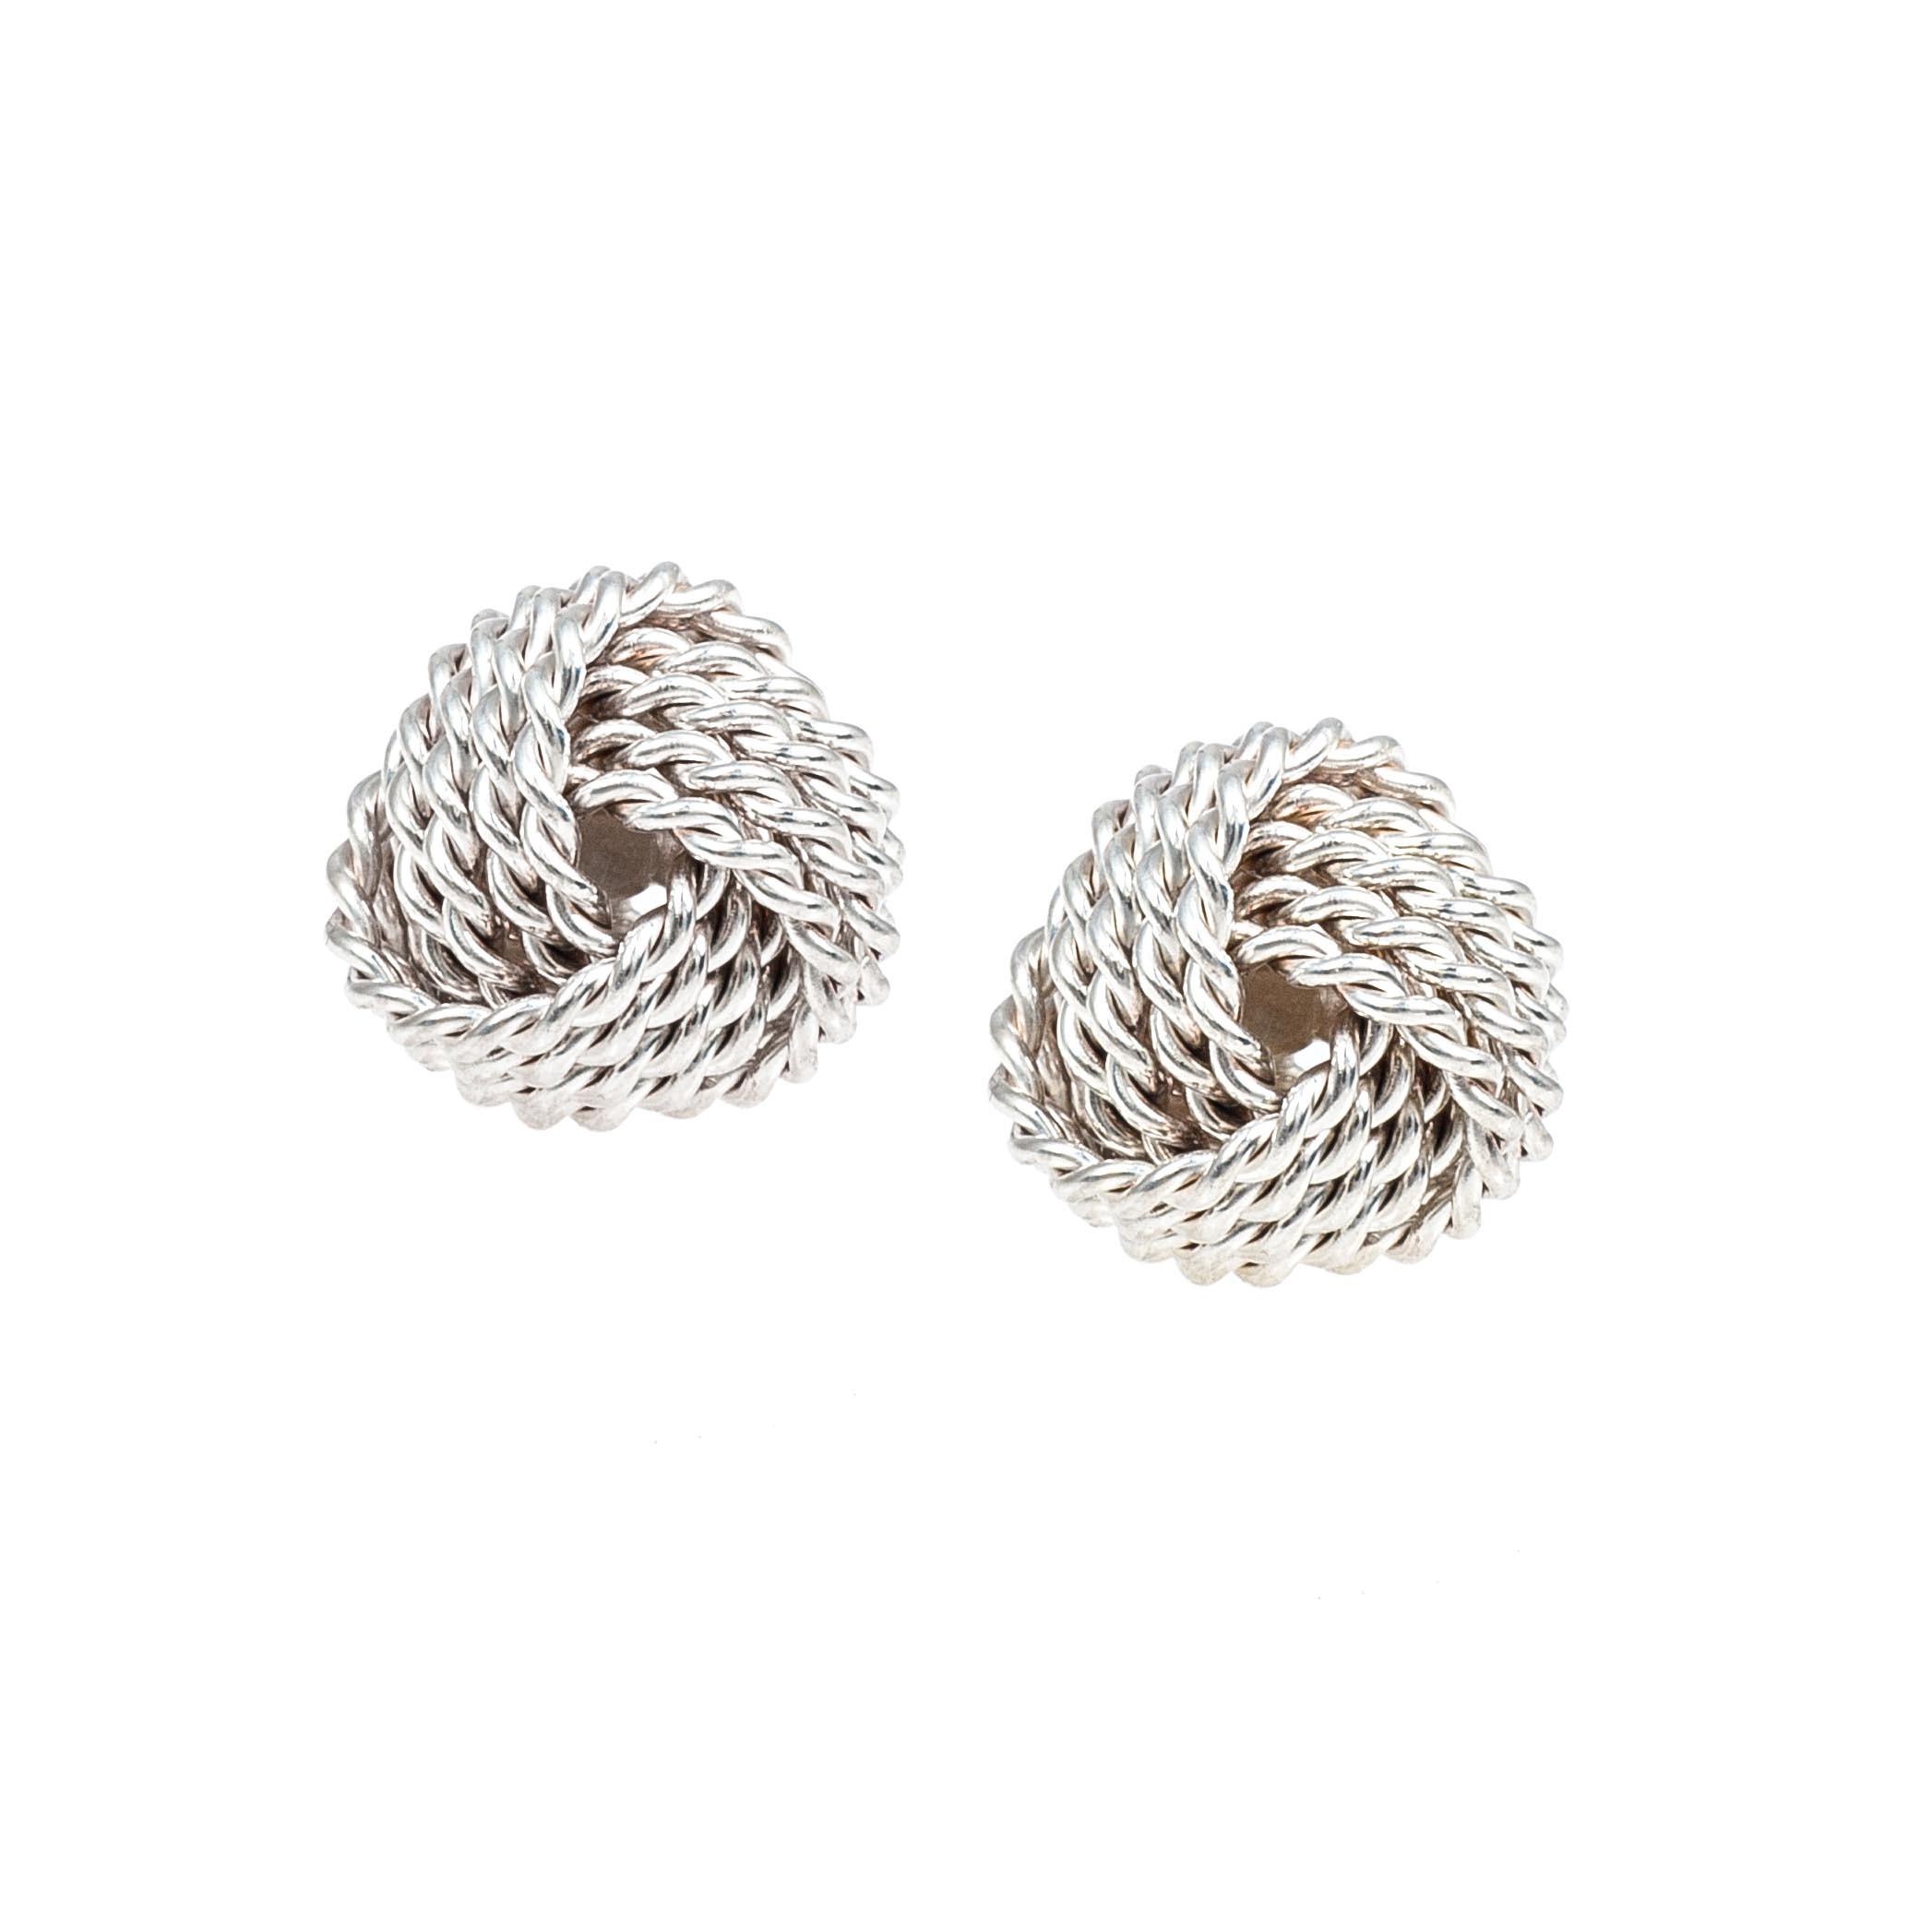 Vintage Tiffany & Co. Twist Knot Stud Earrings